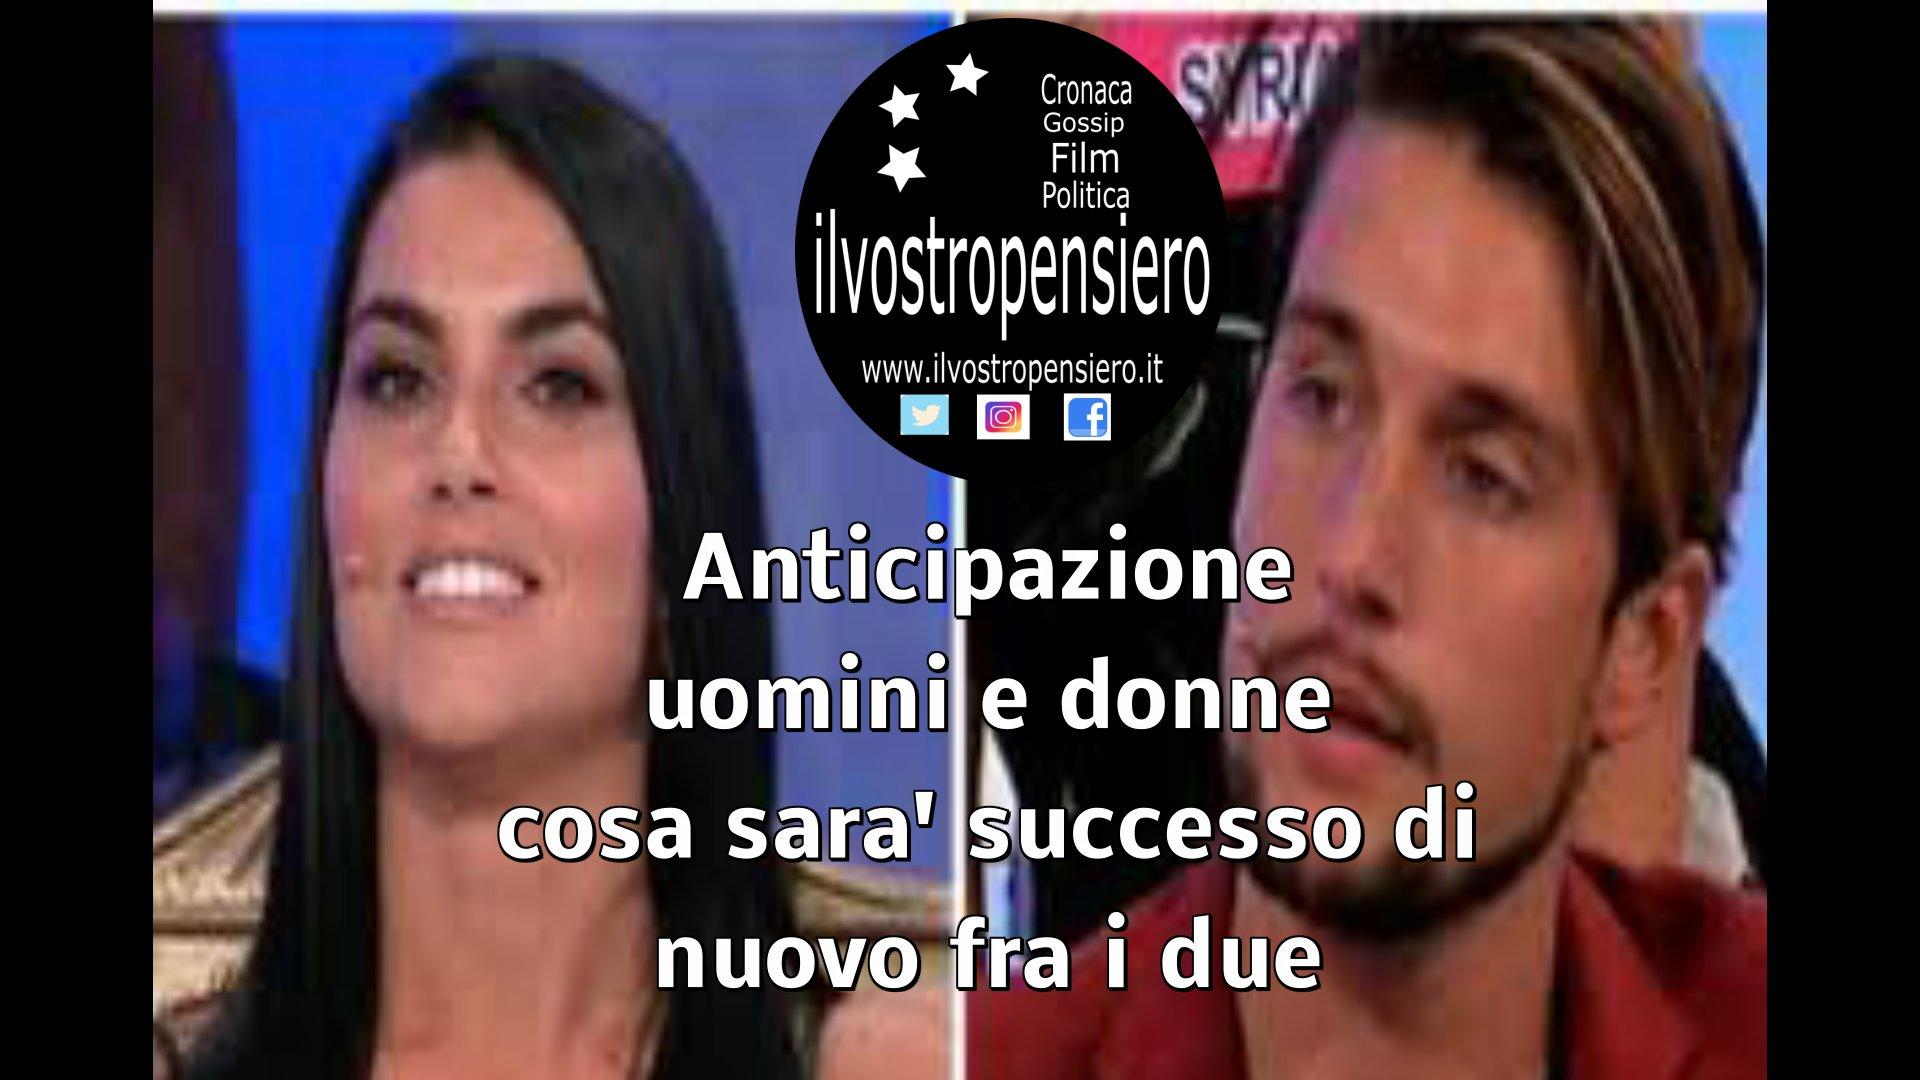 Anticipazioni Uomini e Donne: Andrea Dal Corso Macchia la Sincerità di Teresa Langella!